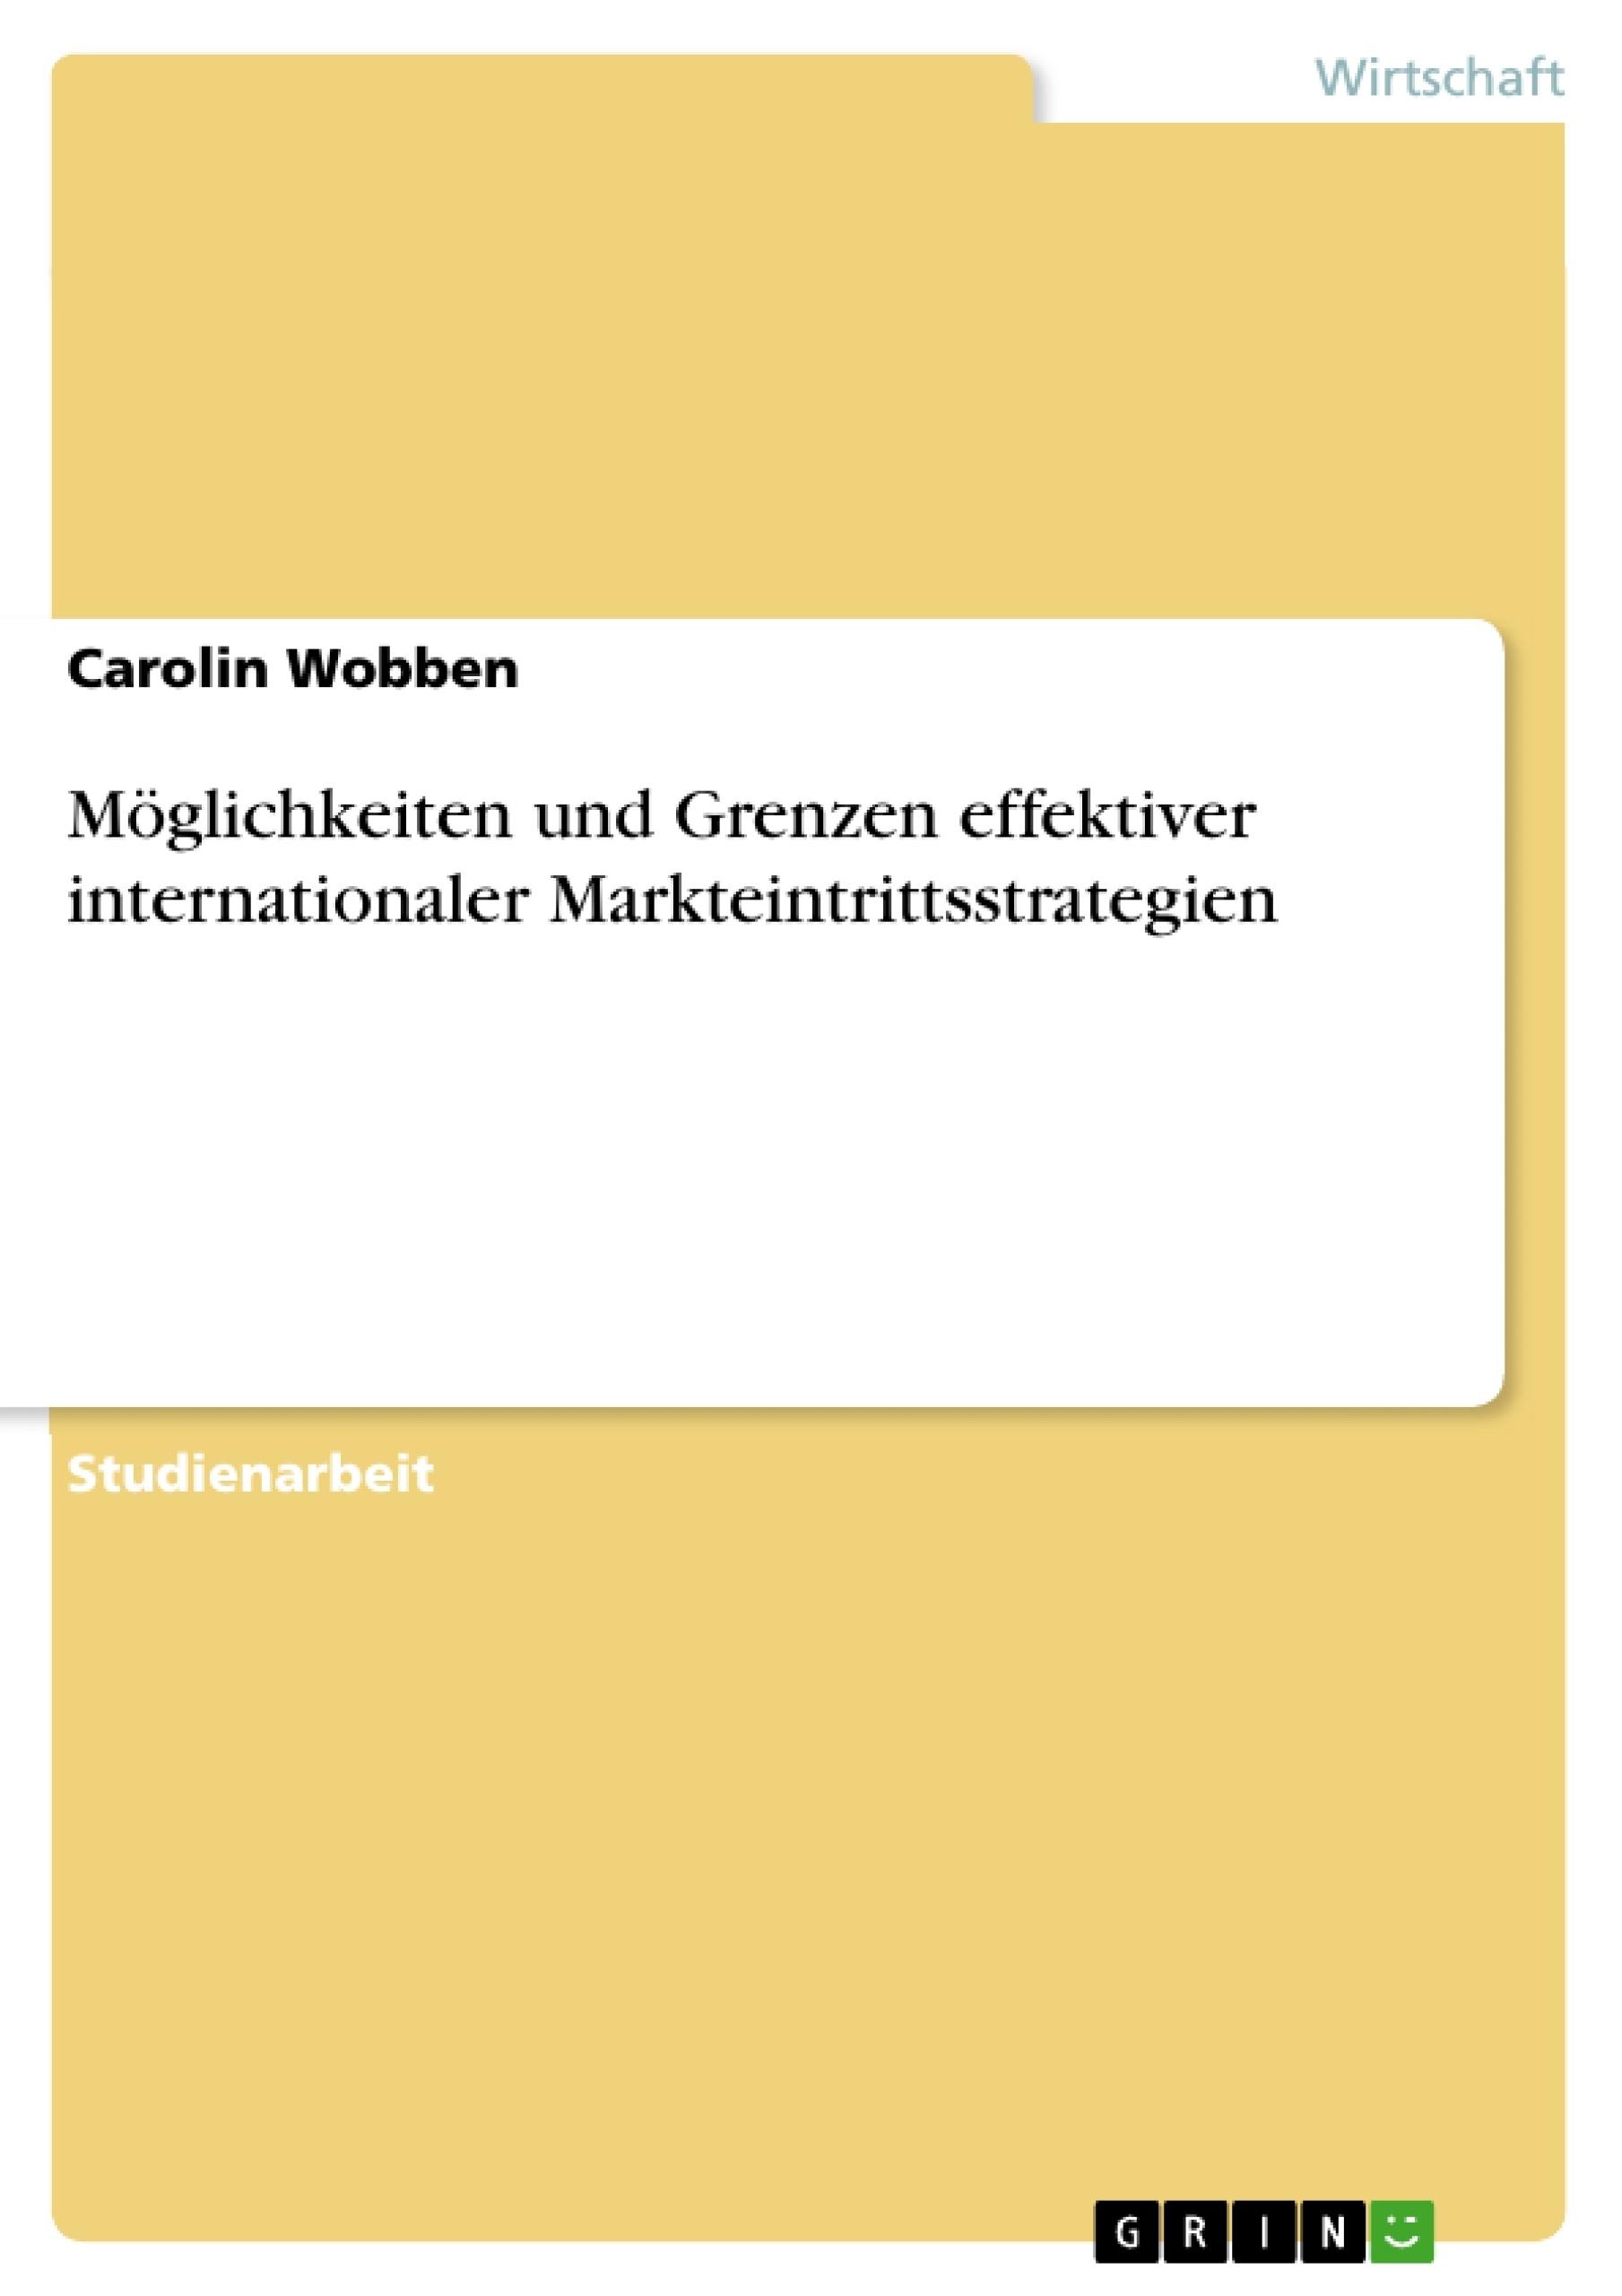 Titel: Möglichkeiten und Grenzen effektiver internationaler Markteintrittsstrategien